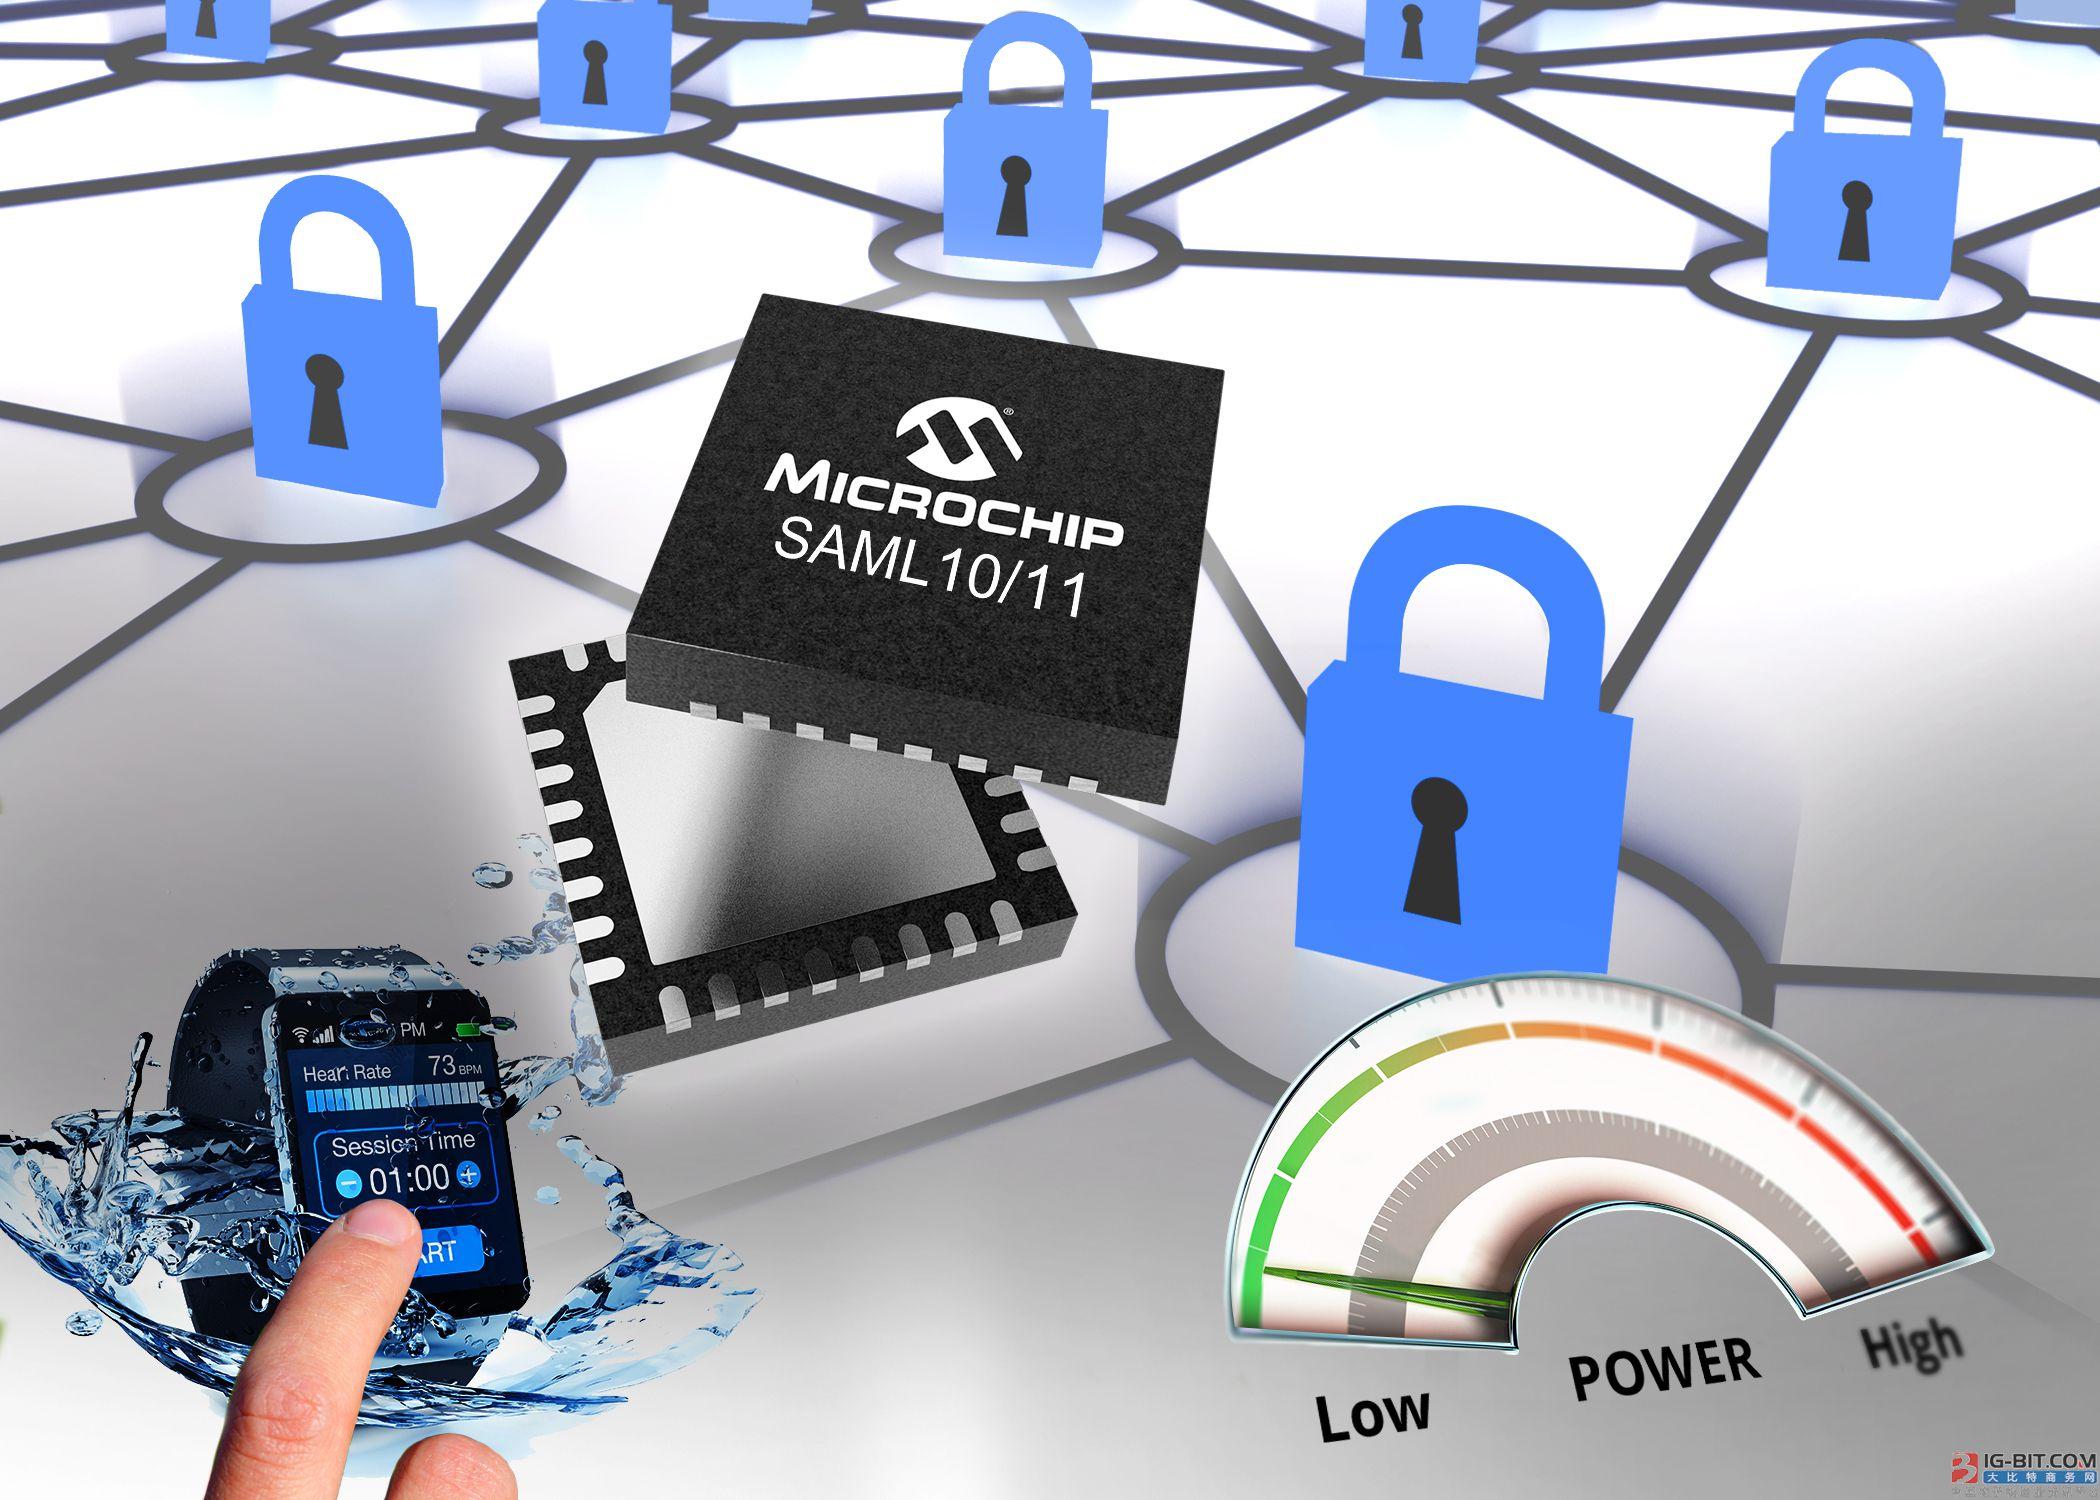 利用首款提供稳健芯片级安全并采用Arm® TrustZone技术的32位MCU打造安全的 IoT终端